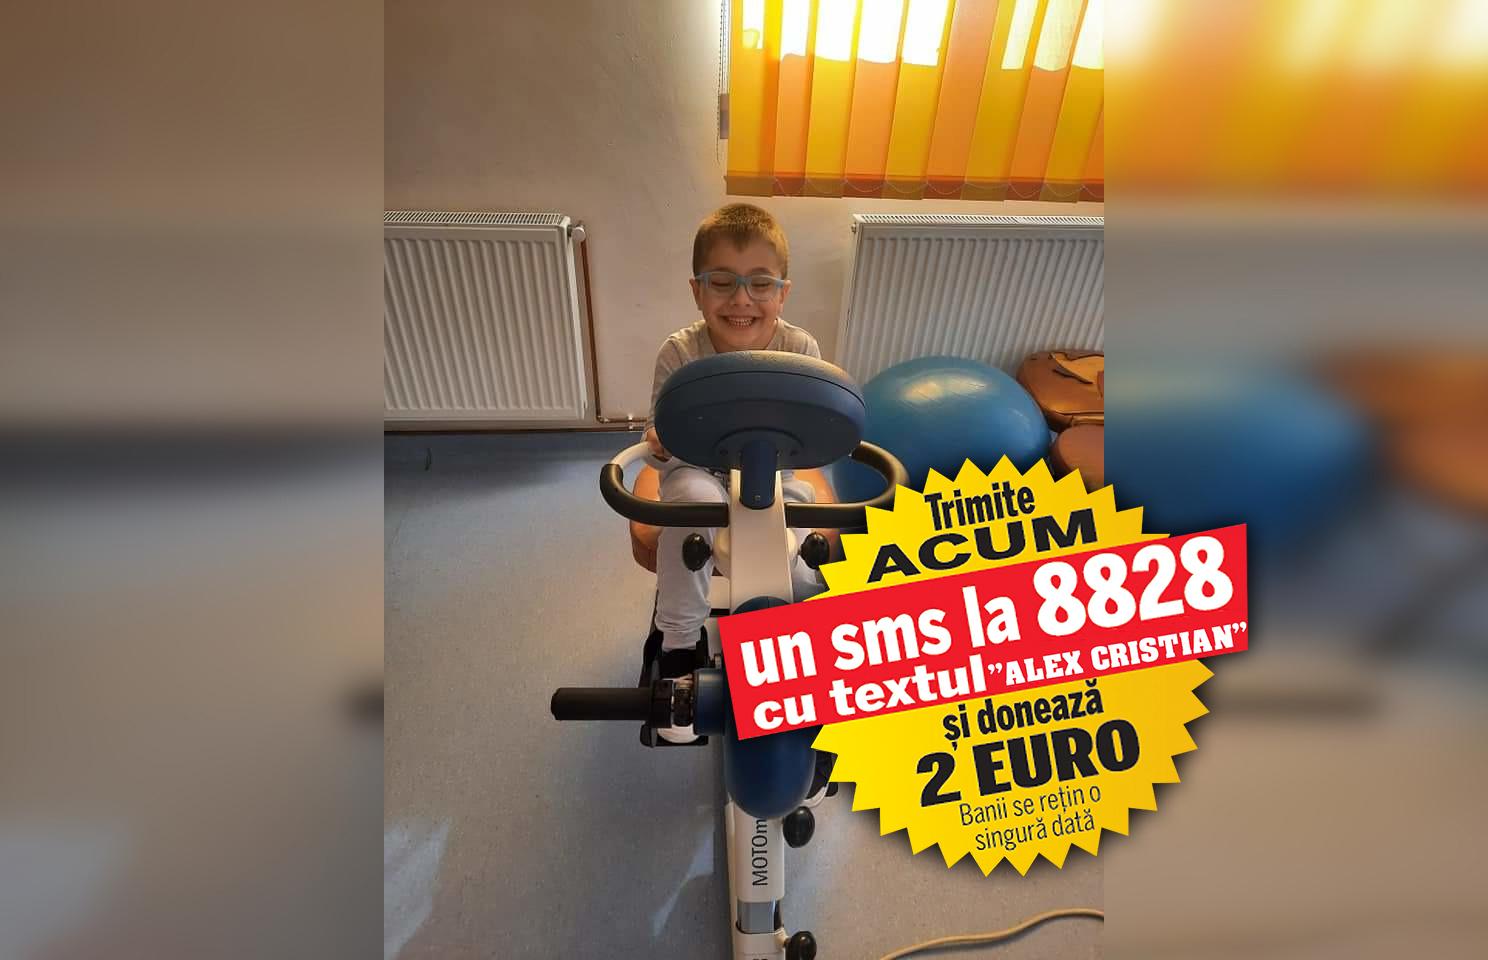 """Mușchii lui Alex au """"înghețat"""", iar copilul îndură chinuri groaznice. Băiatul de șase ani suferă de paralizie cerebrală și are nevoie de 2.000 de euro pentru a fi operat la Chișinău"""